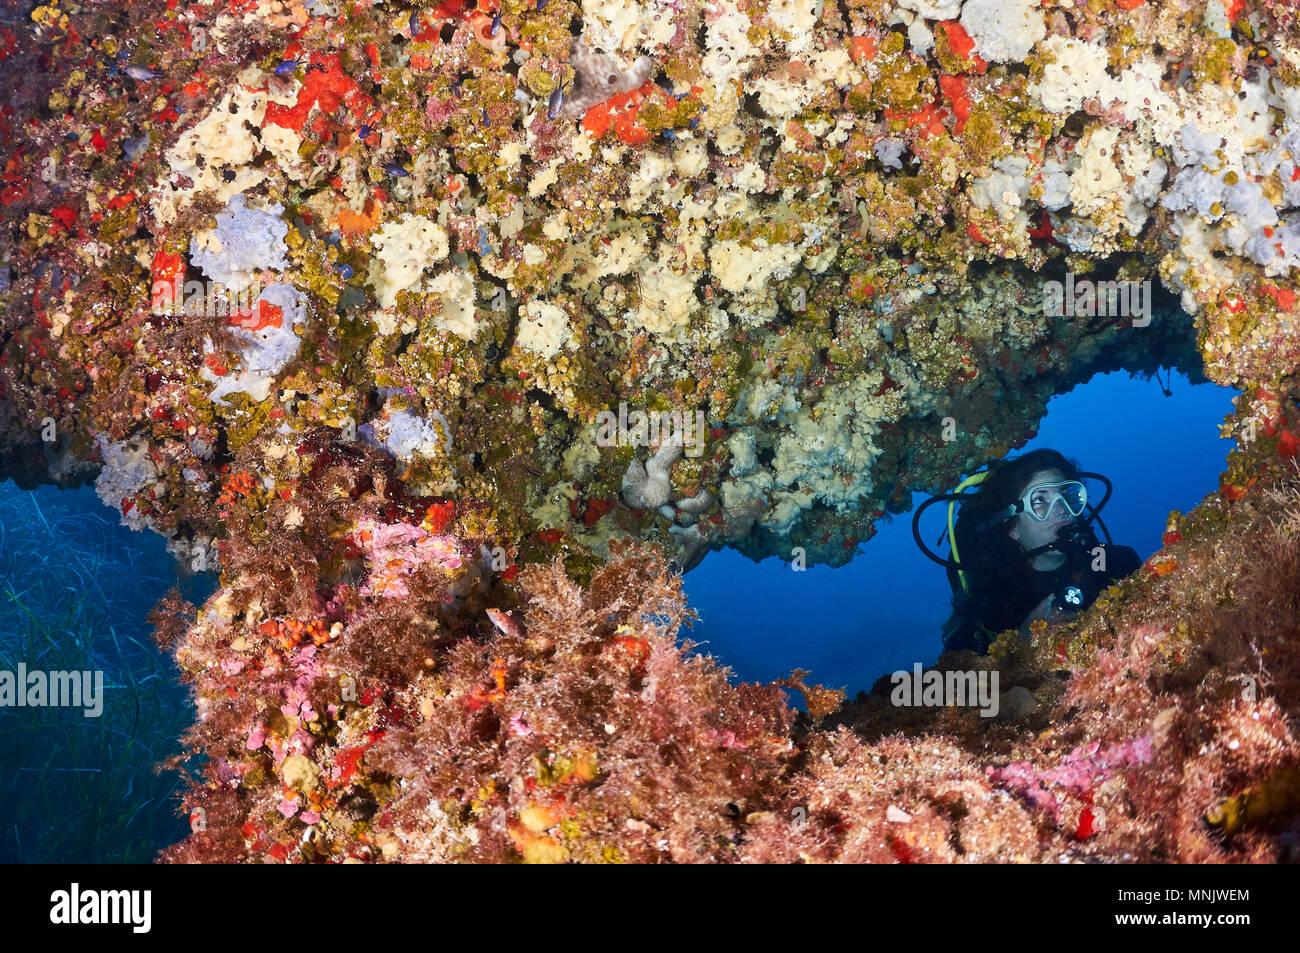 Weibliche Scuba Diver in underwater Fenster eines bunten Riff voller ...